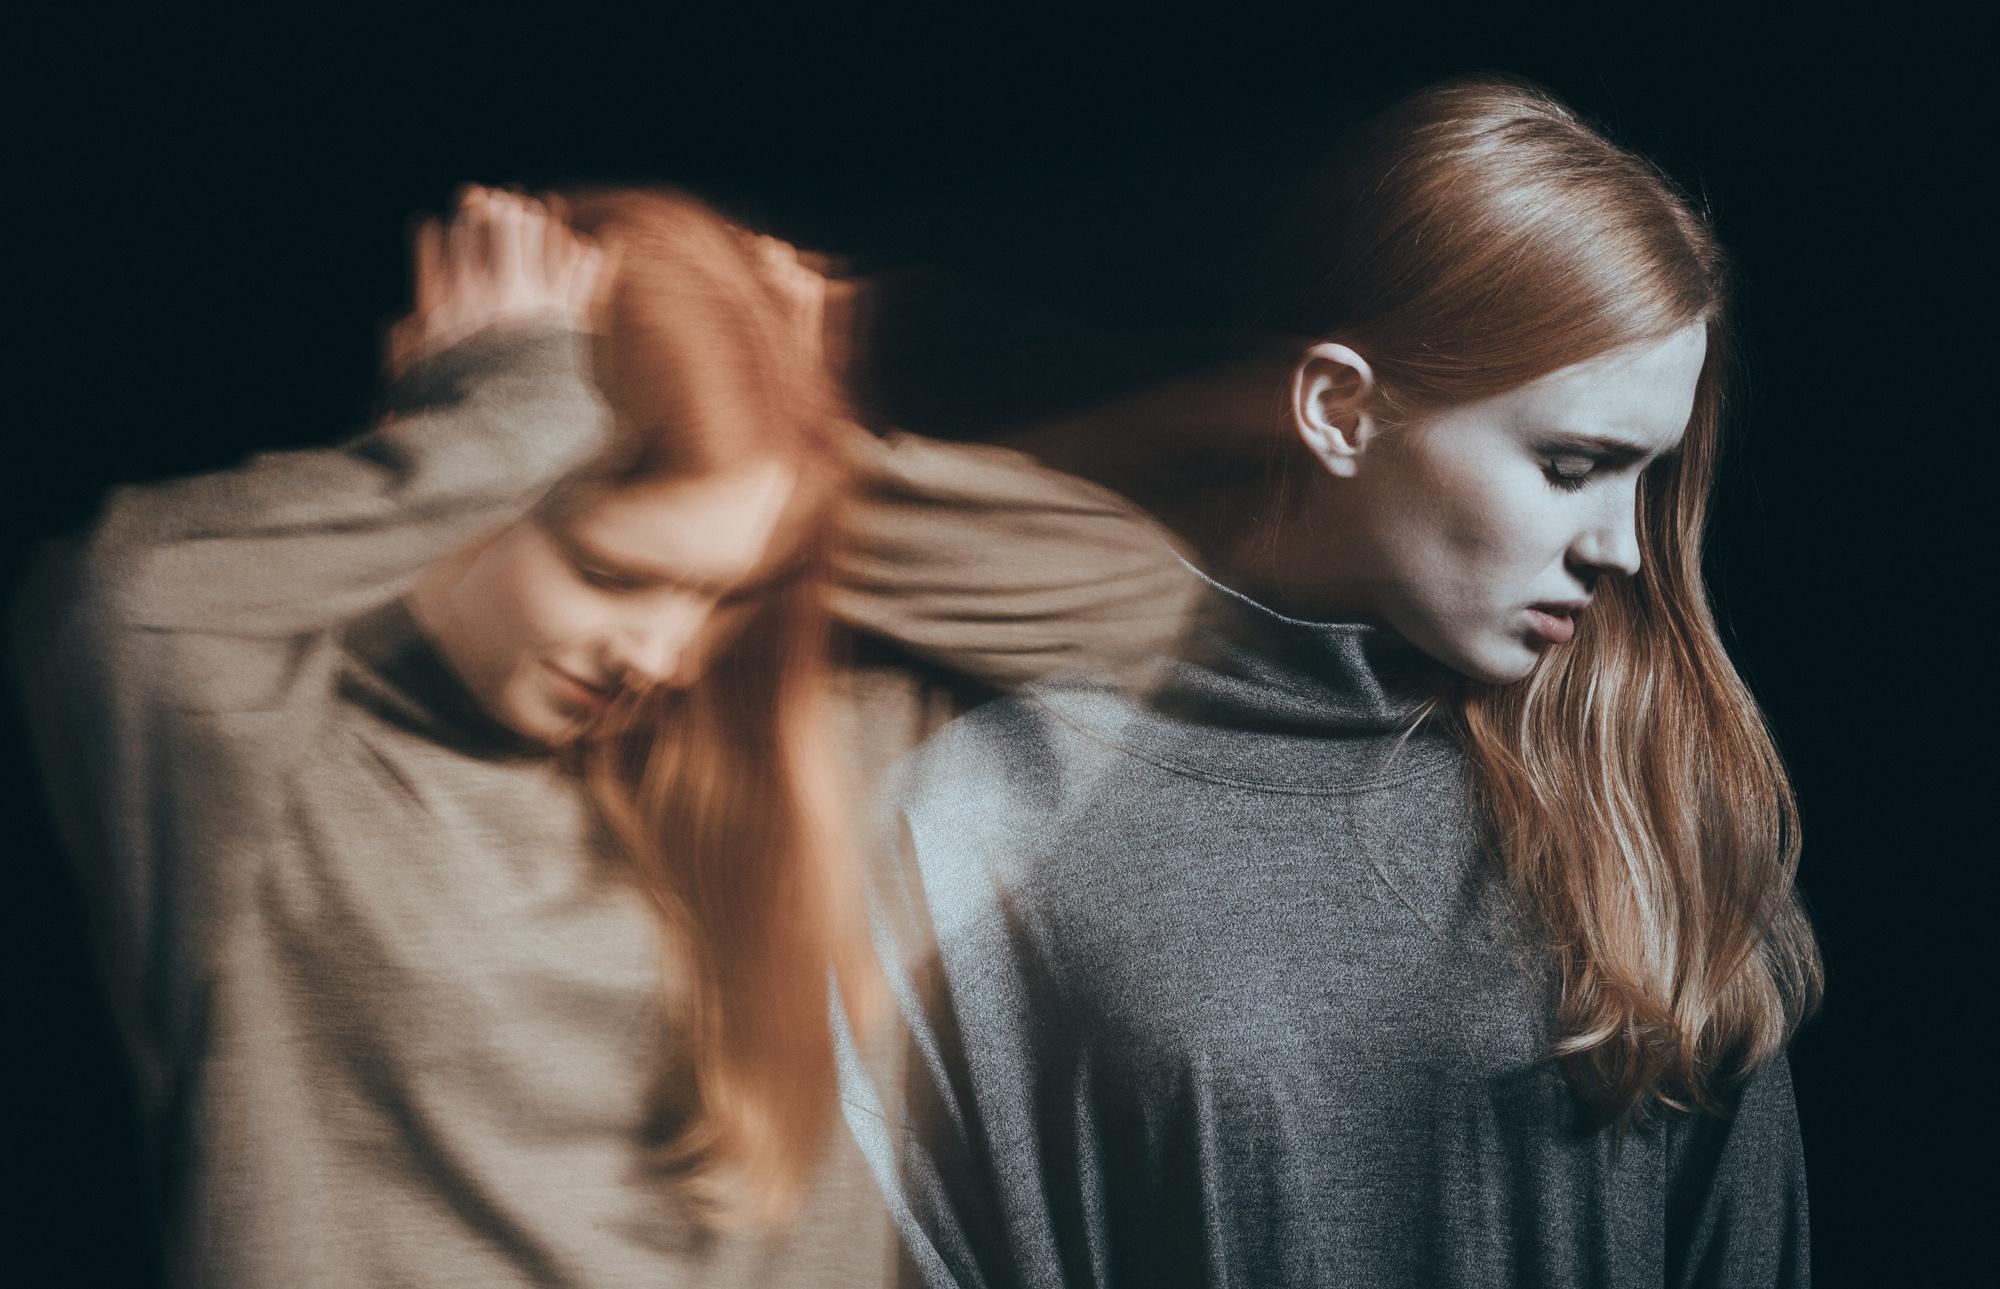 Inozitol môže pomáhať pri úzkostných poruchách a panických záchvatoch